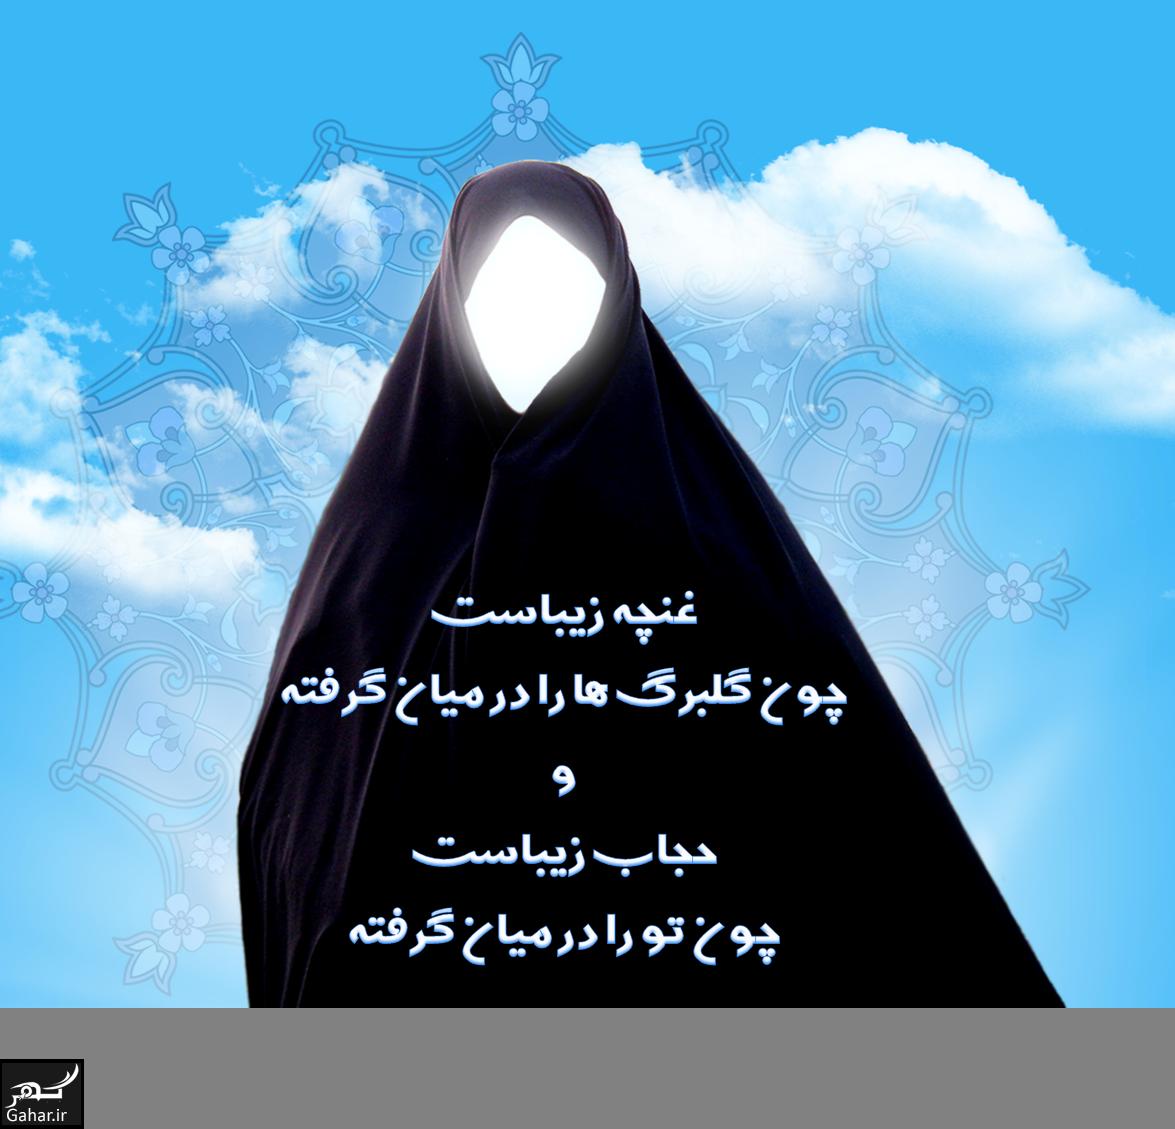 مقام زن در ادیان مختلف چگونه است؟, جدید 1400 -گهر